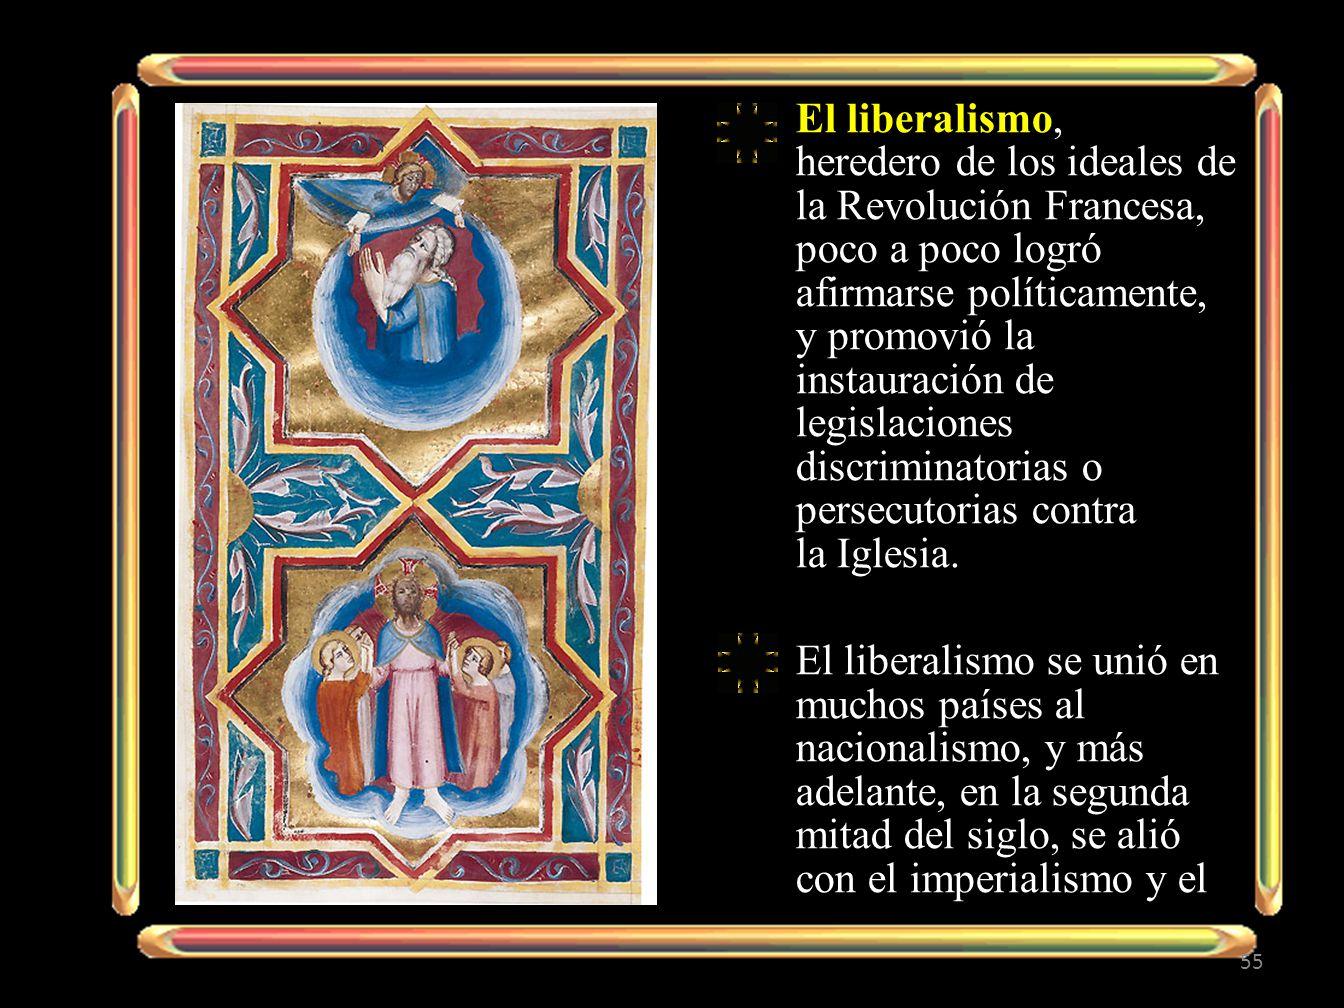 El liberalismo, heredero de los ideales de la Revolución Francesa, poco a poco logró afirmarse políticamente, y promovió la instauración de legislaciones discriminatorias o persecutorias contra la Iglesia.